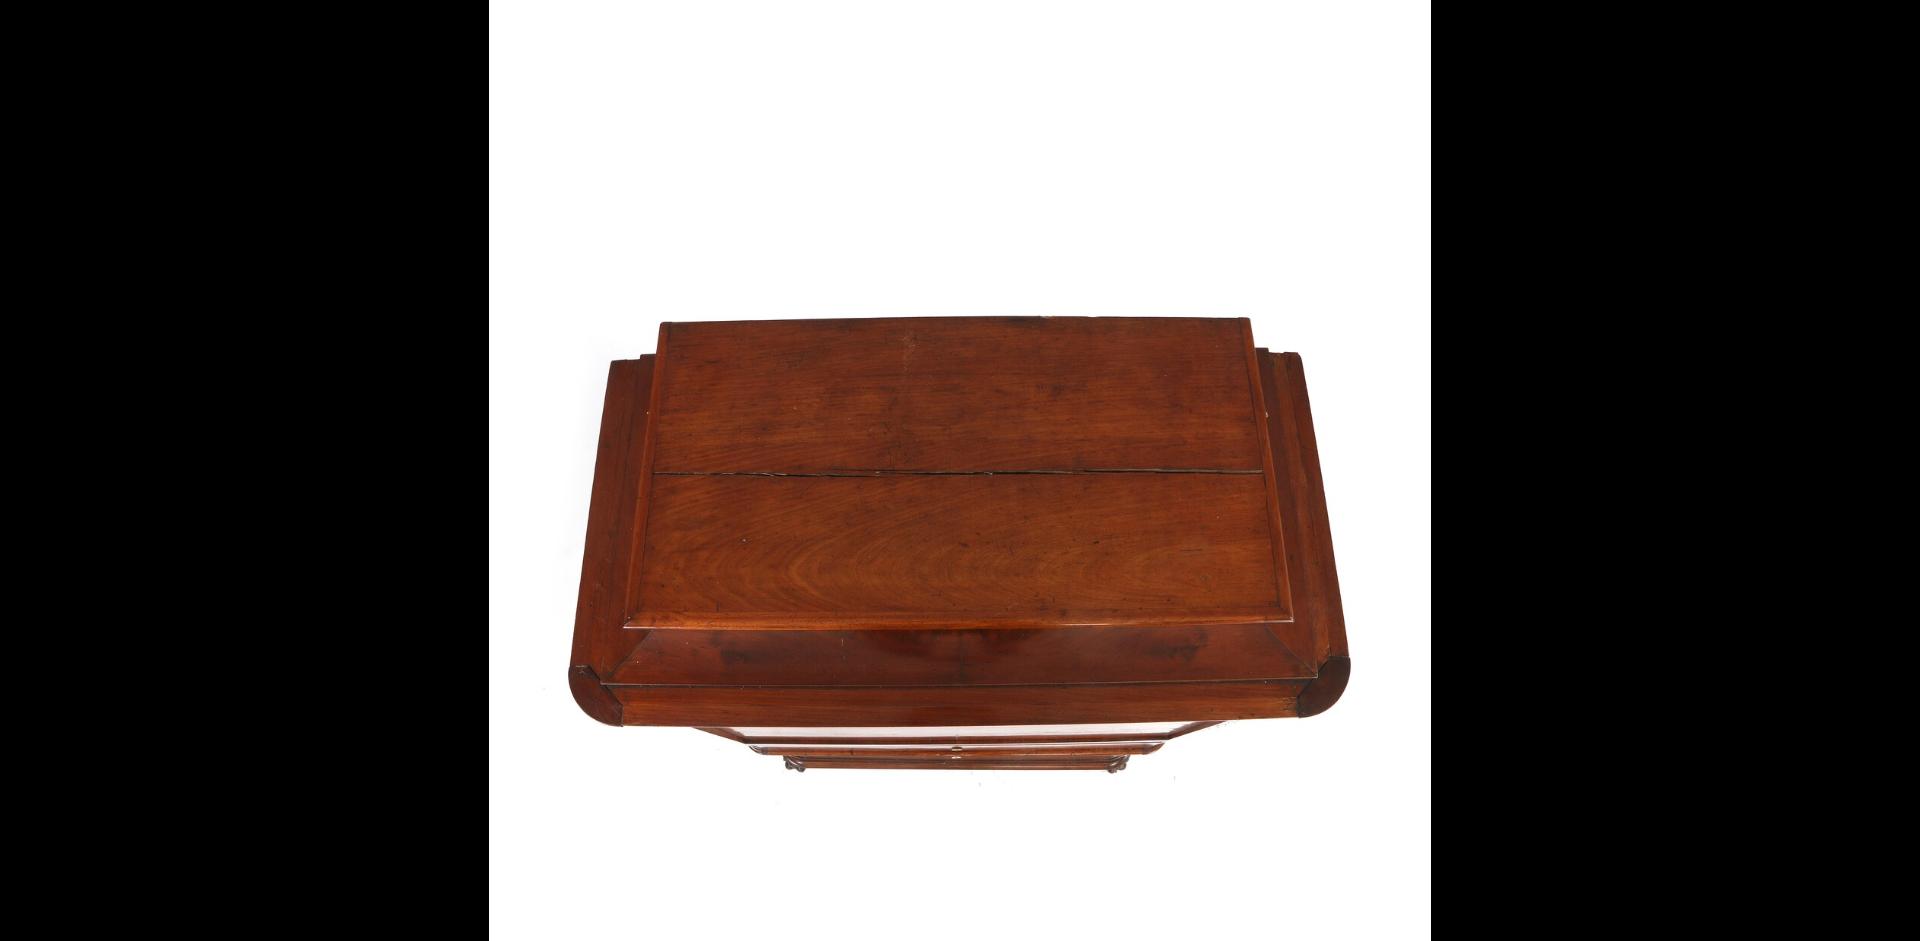 19th C. mahogany and rosewood Biedermeier secretaire chest 155 cm H x 98 cm W x 50 cm D - Image 3 of 3